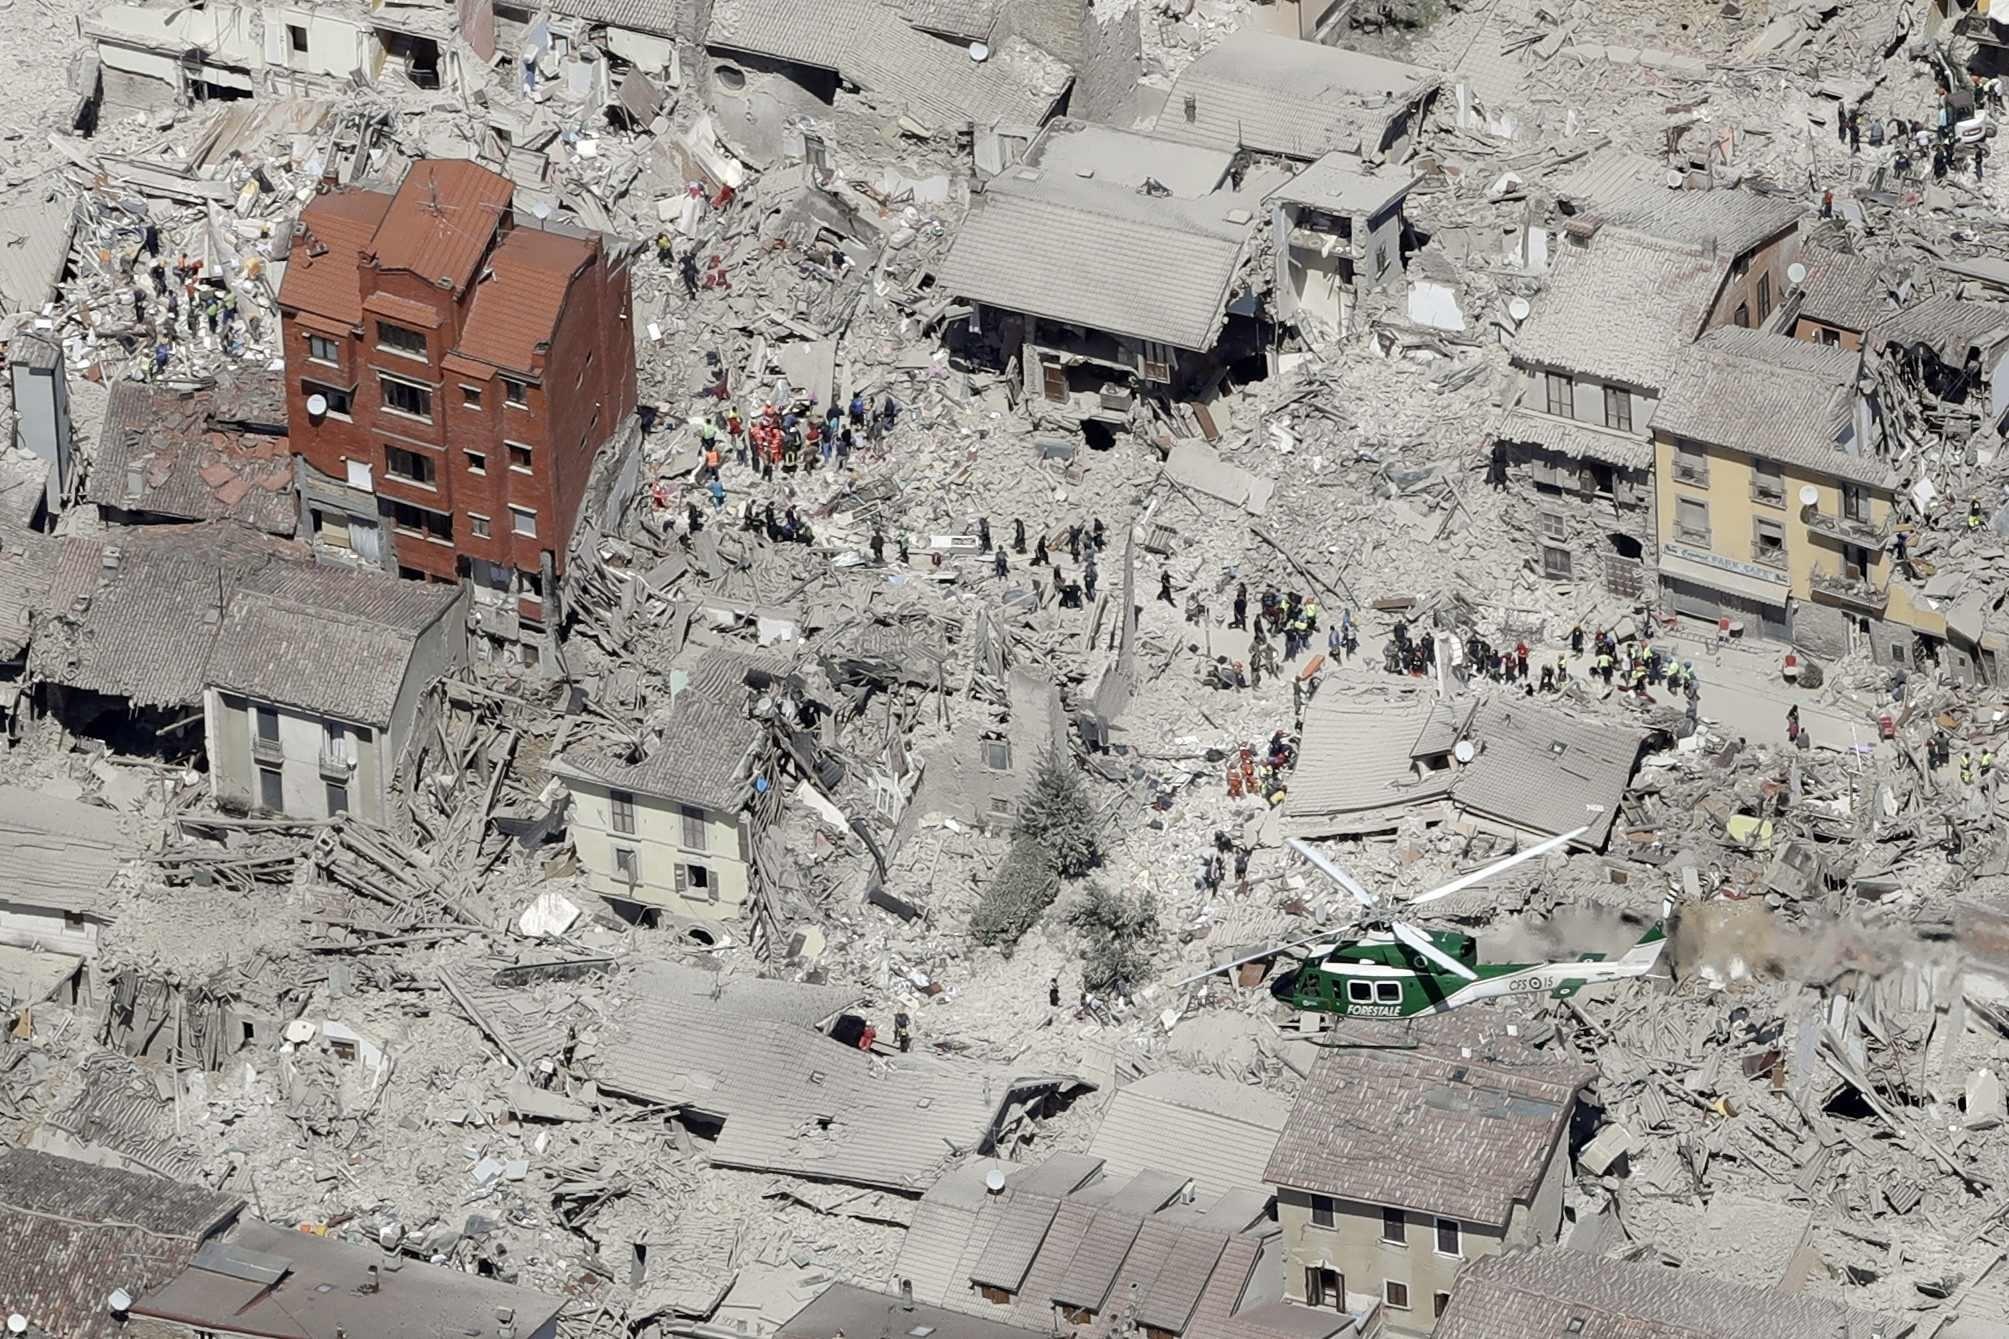 Muere envenenado perro rescatista de terremoto en Italia